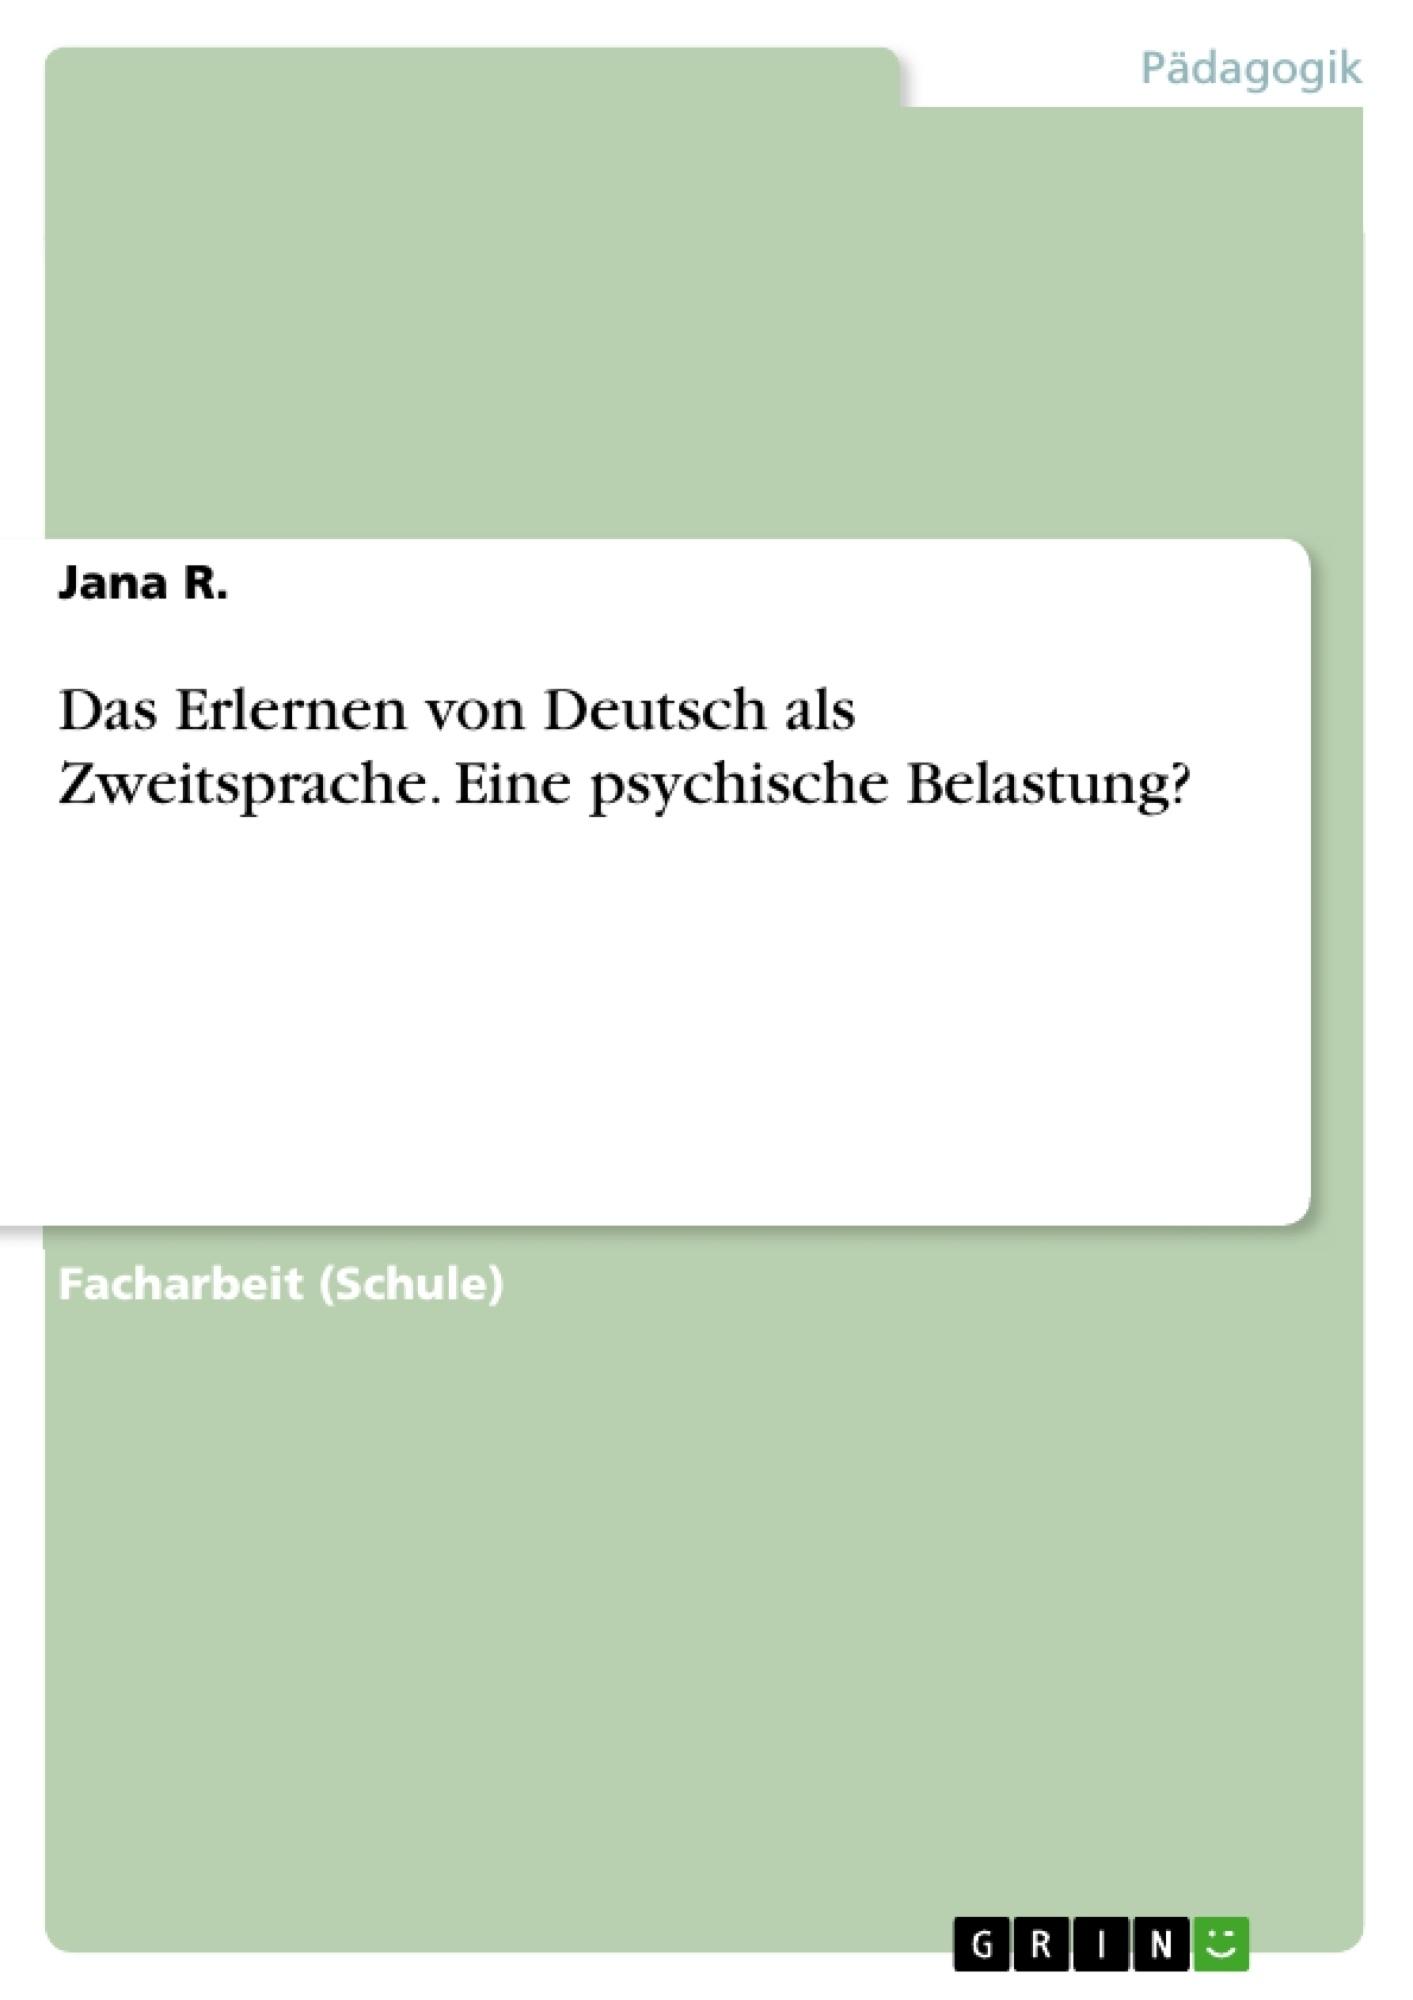 Titel: Das Erlernen von Deutsch als Zweitsprache. Eine psychische Belastung?